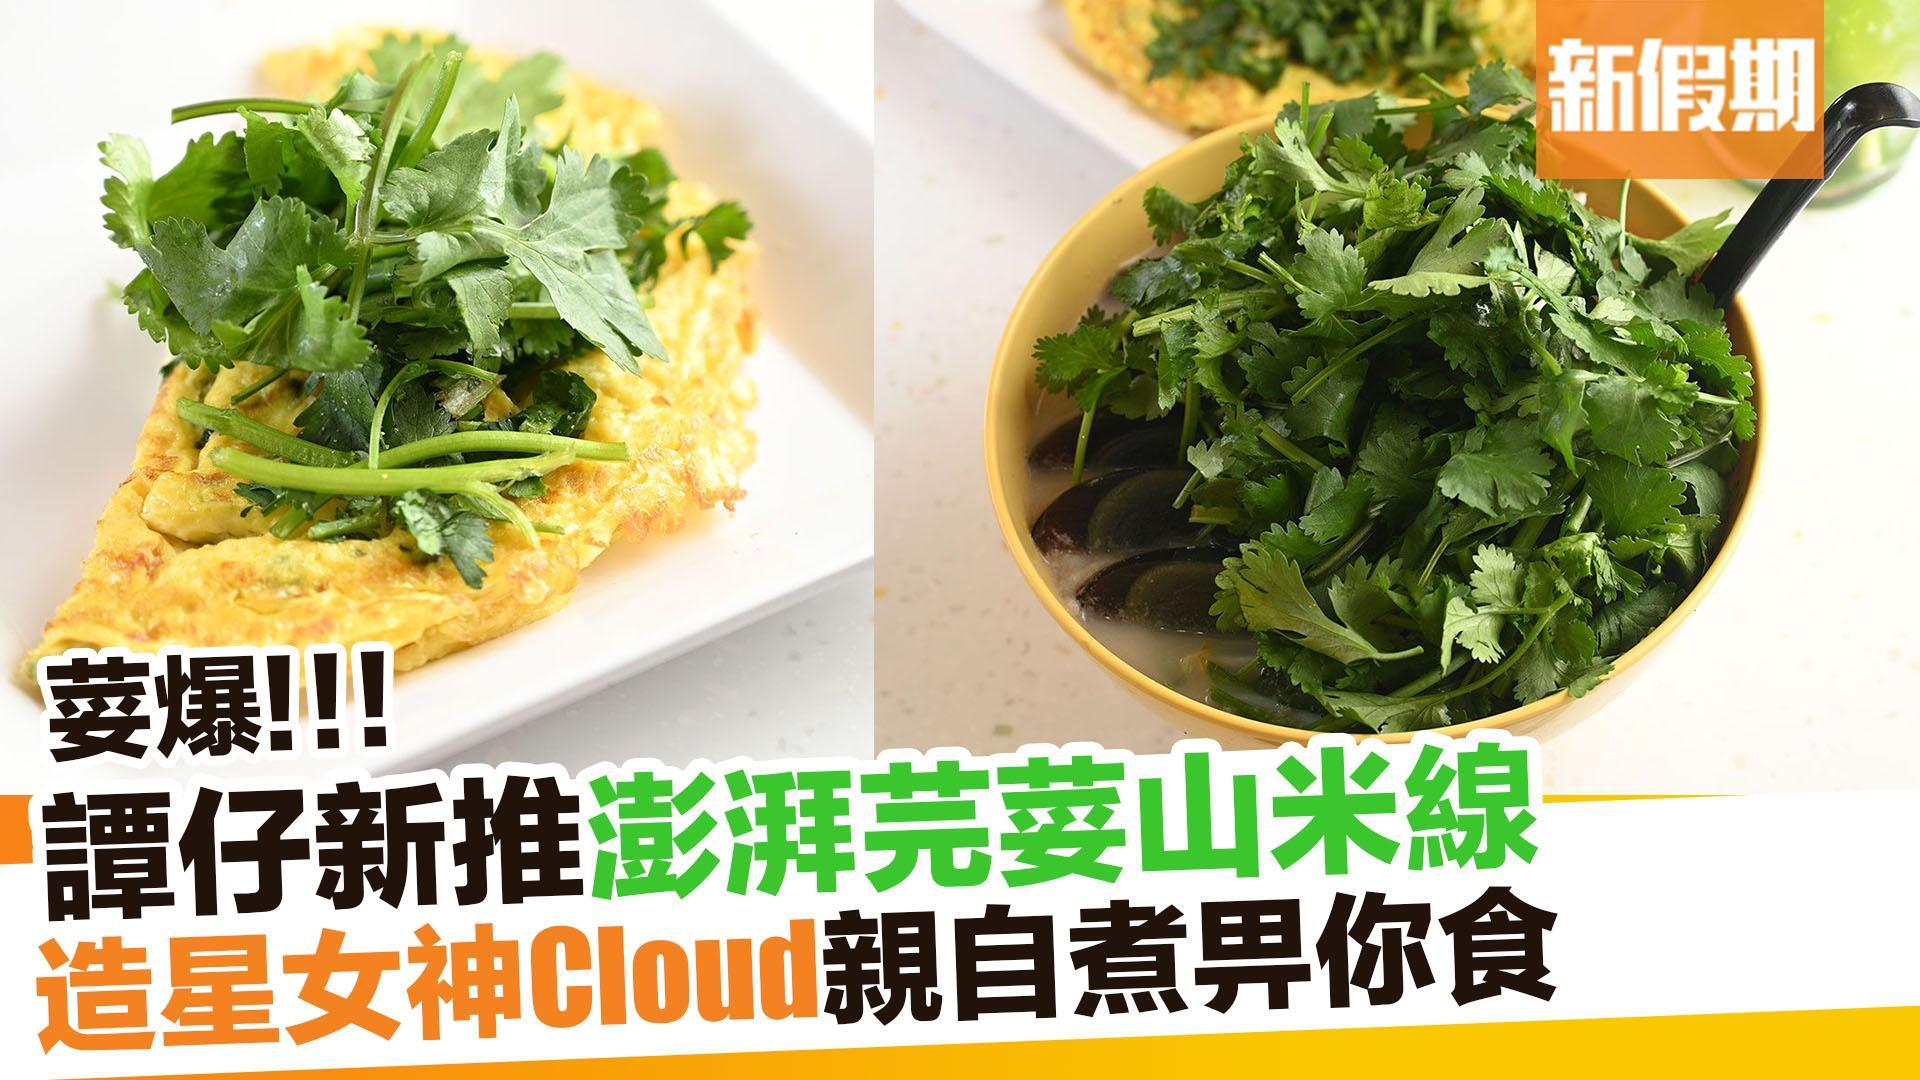 【新品速遞】譚仔新推芫荽皮蛋魚湯米線 大量芫荽山+皮蛋海 新假期